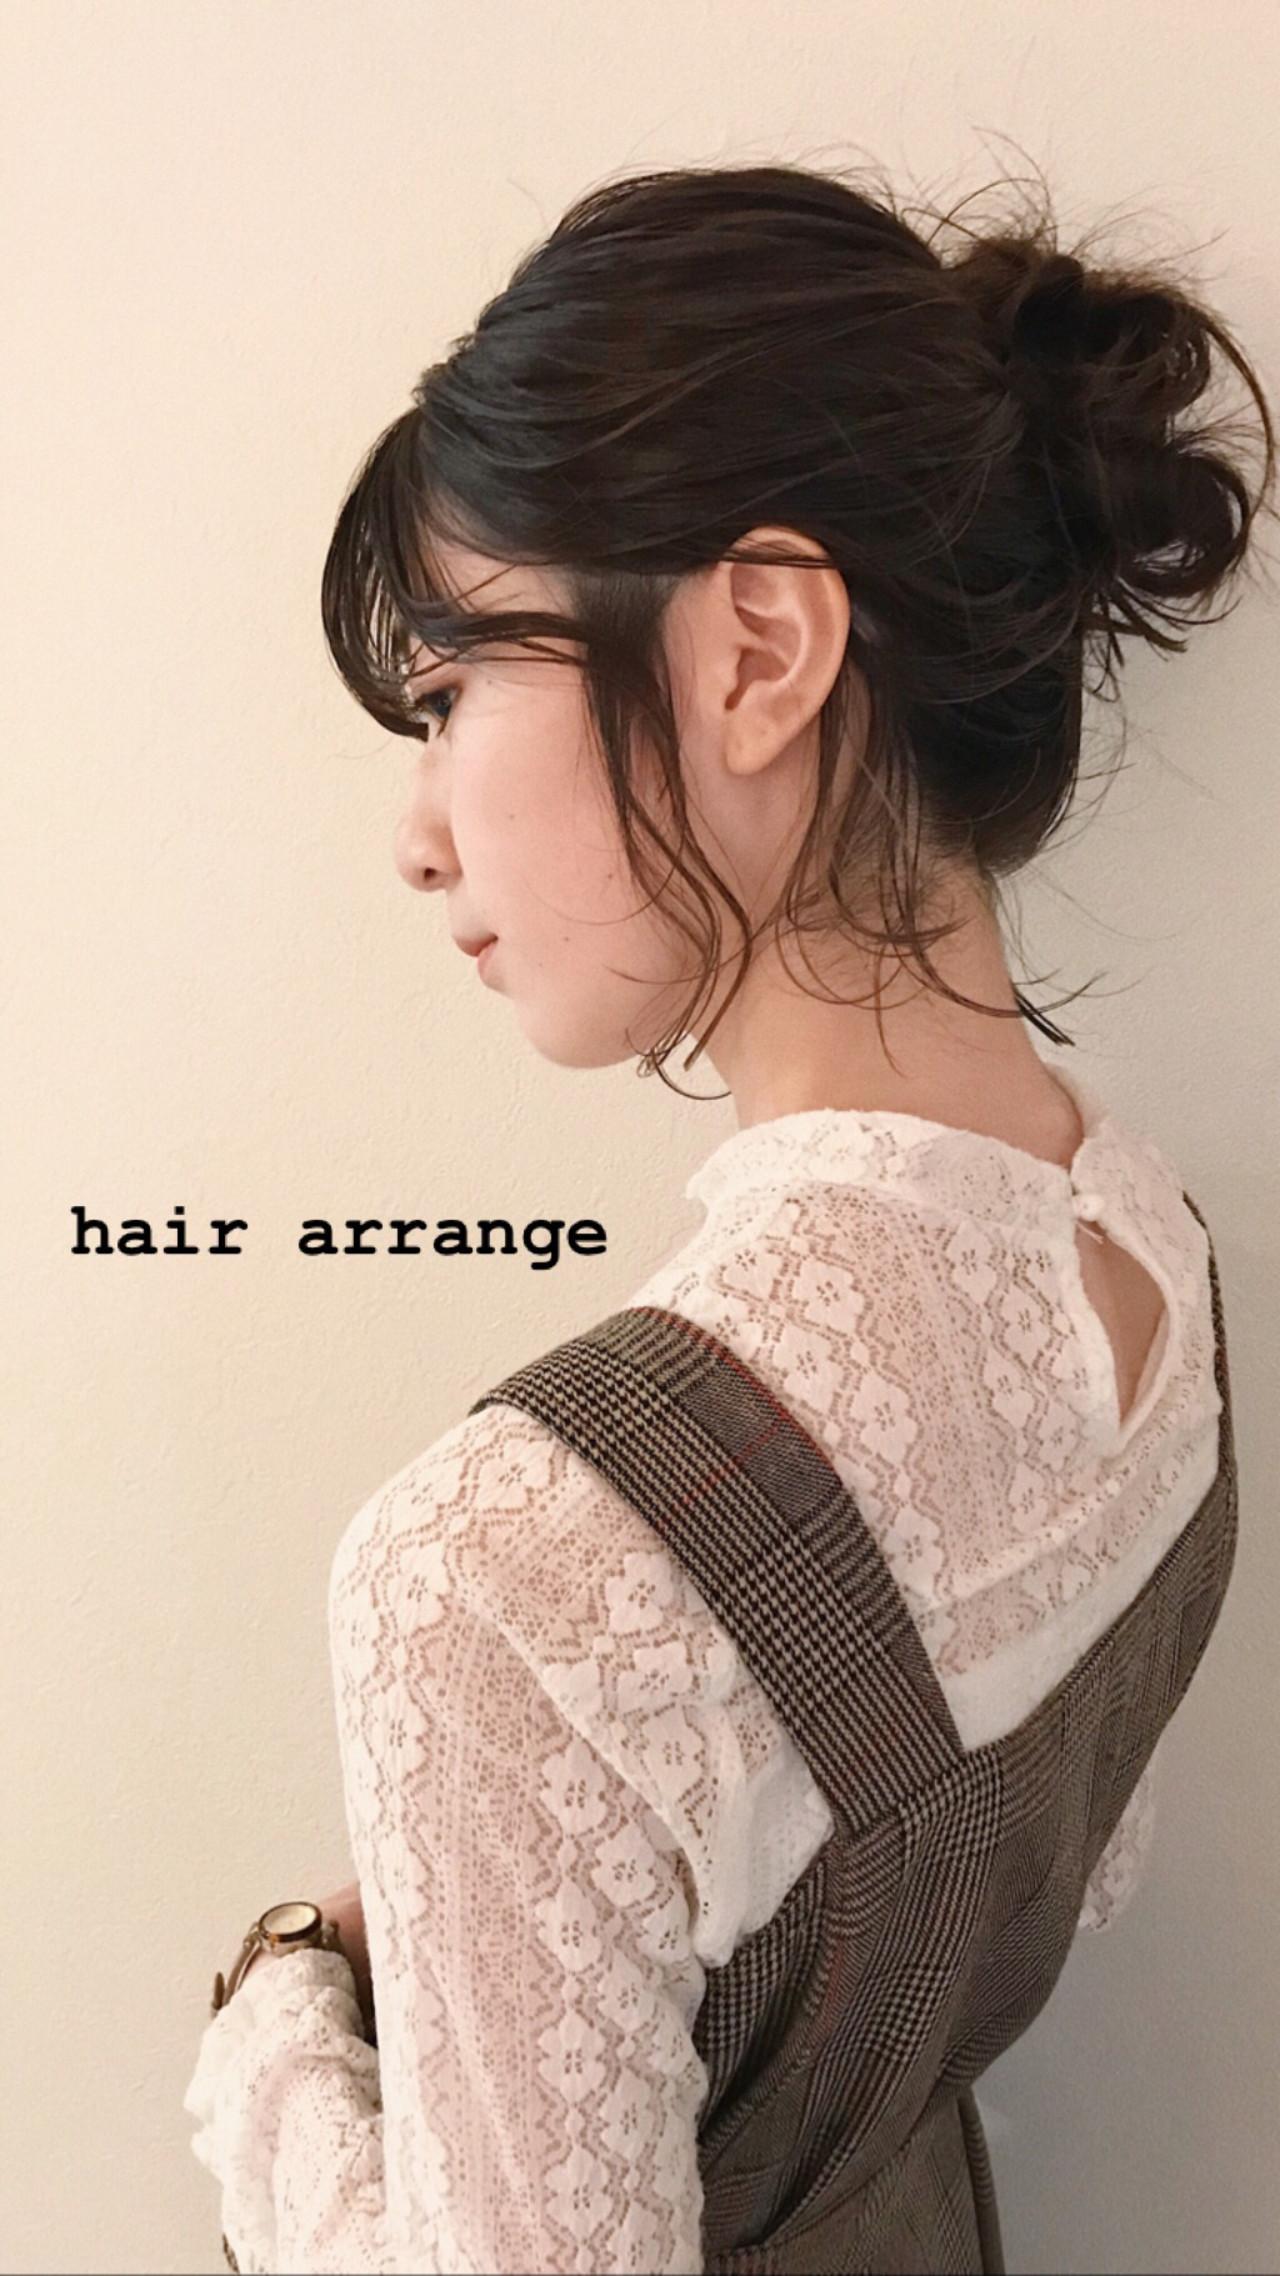 ゆるナチュラル お団子ヘア ヘアアレンジ ミディアム ヘアスタイルや髪型の写真・画像